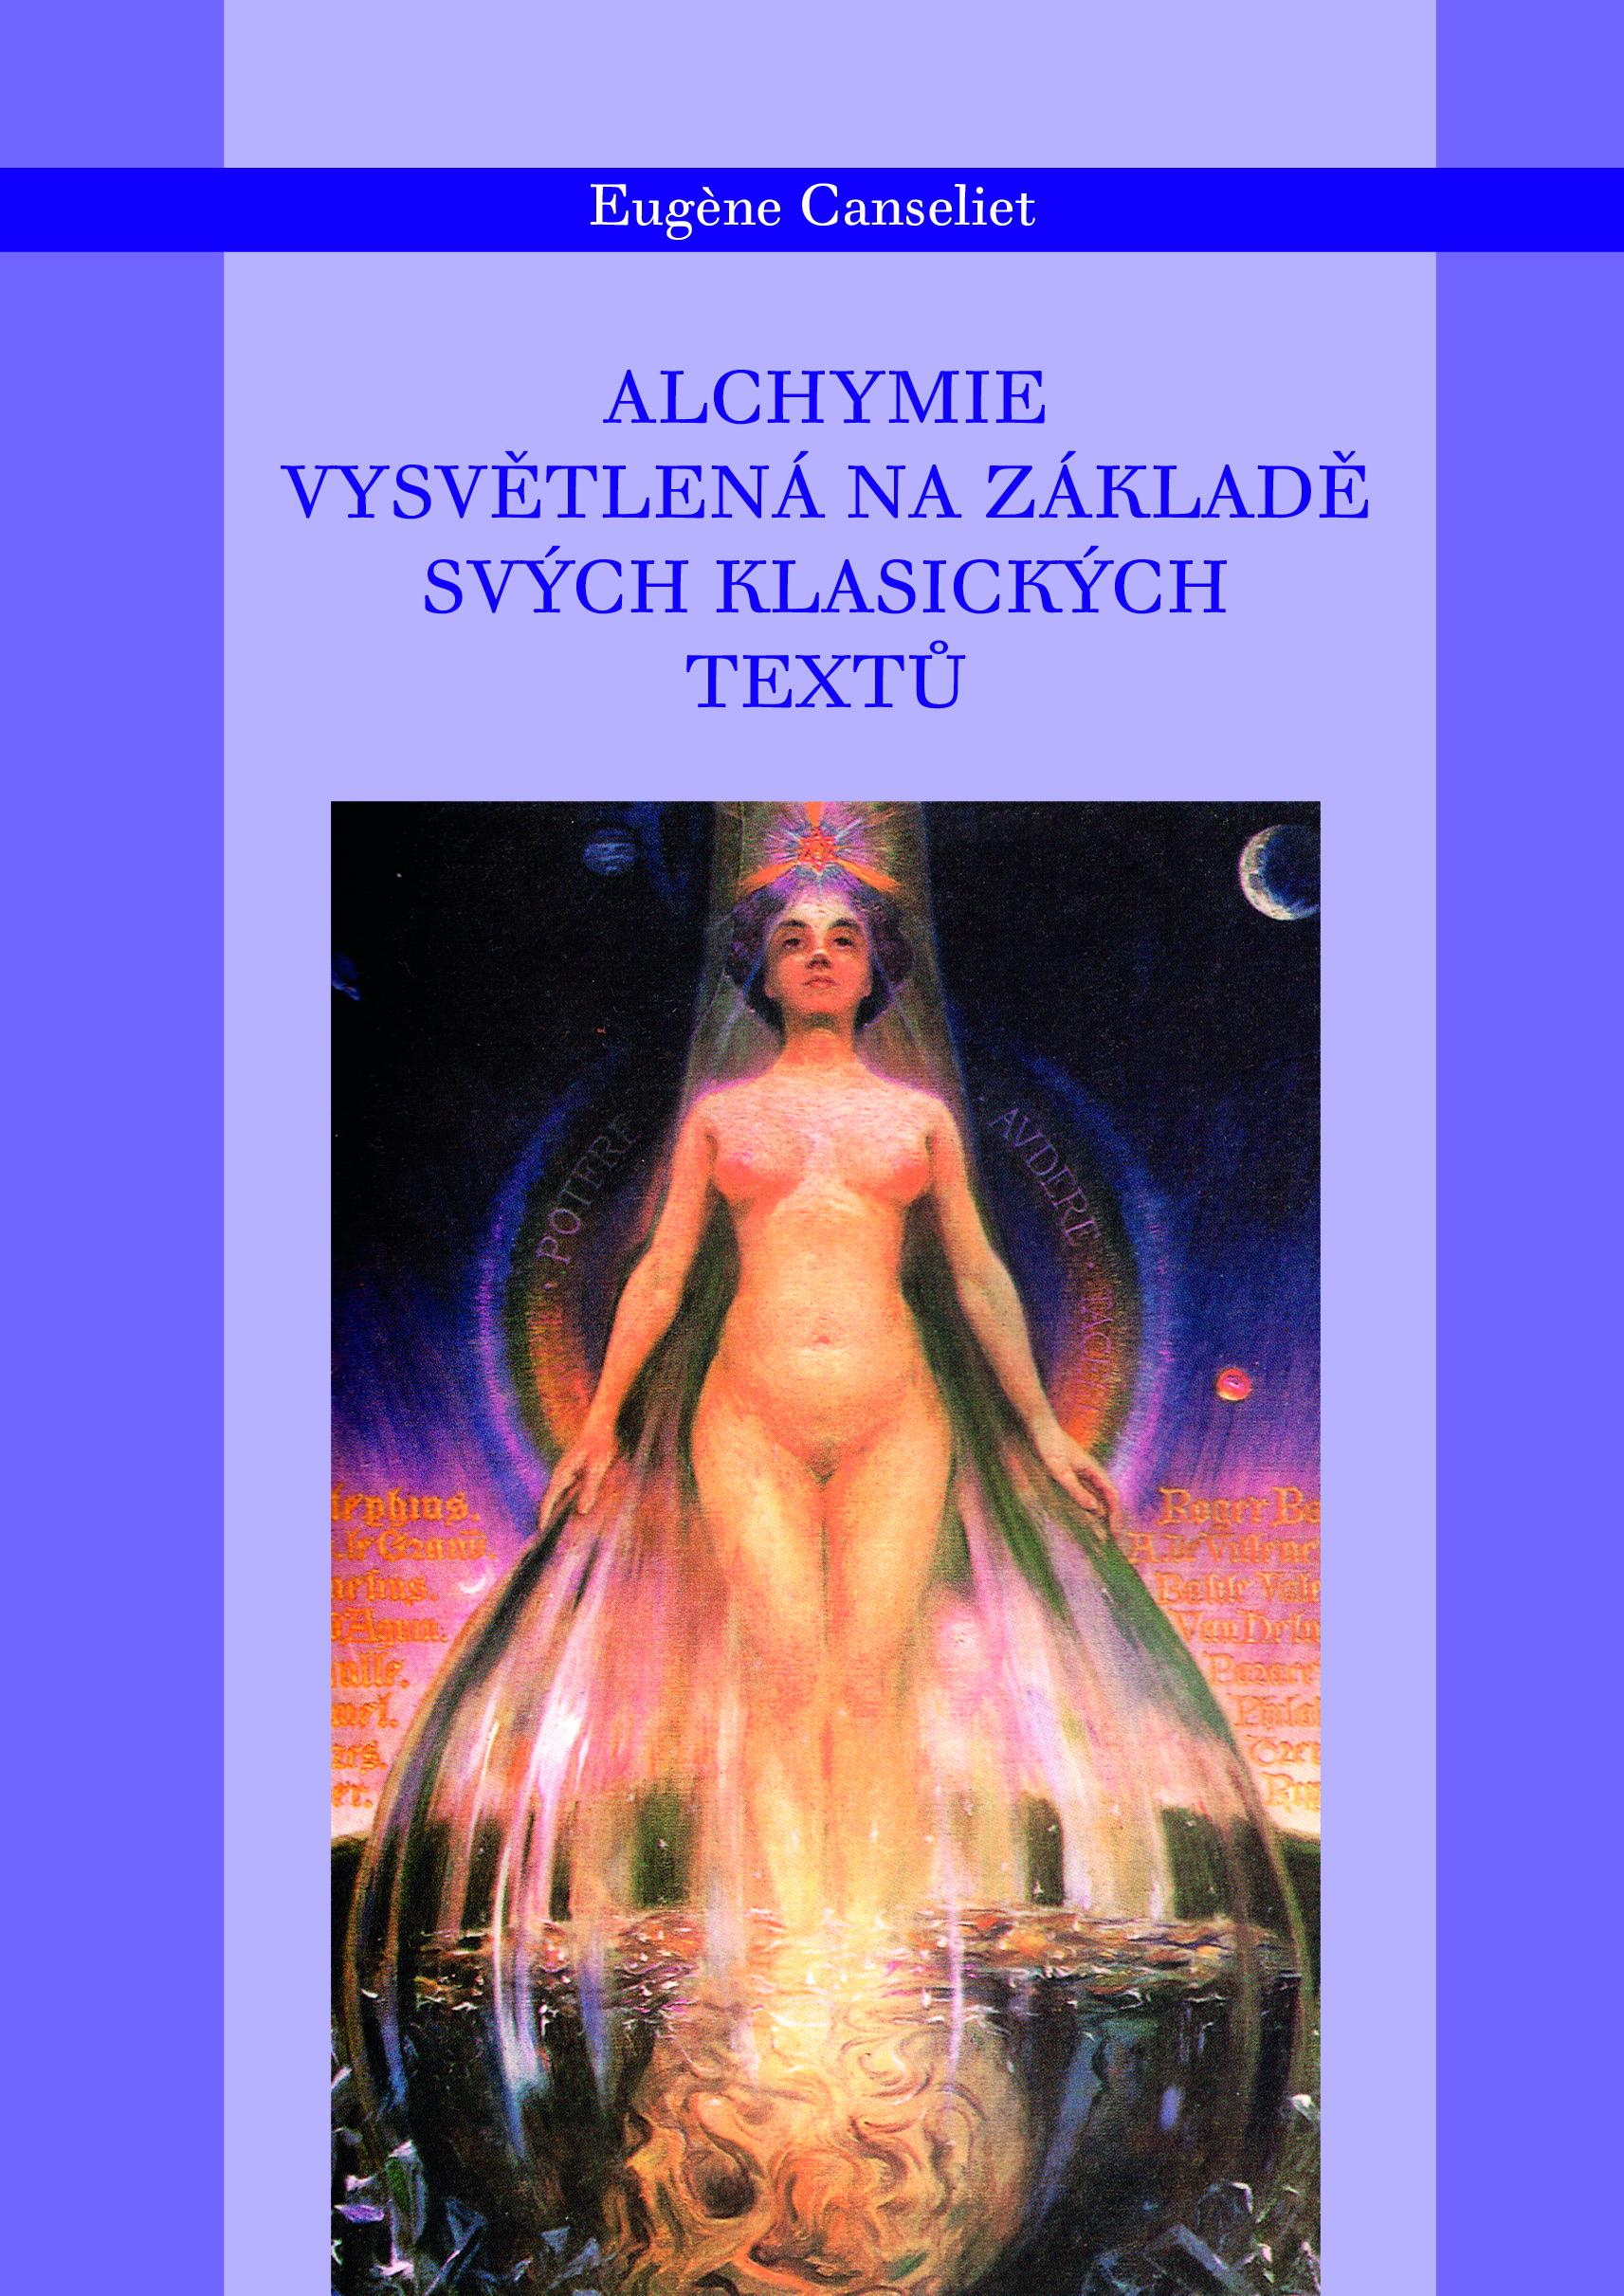 Alchymie vysvětlená na základě svých klasických textů